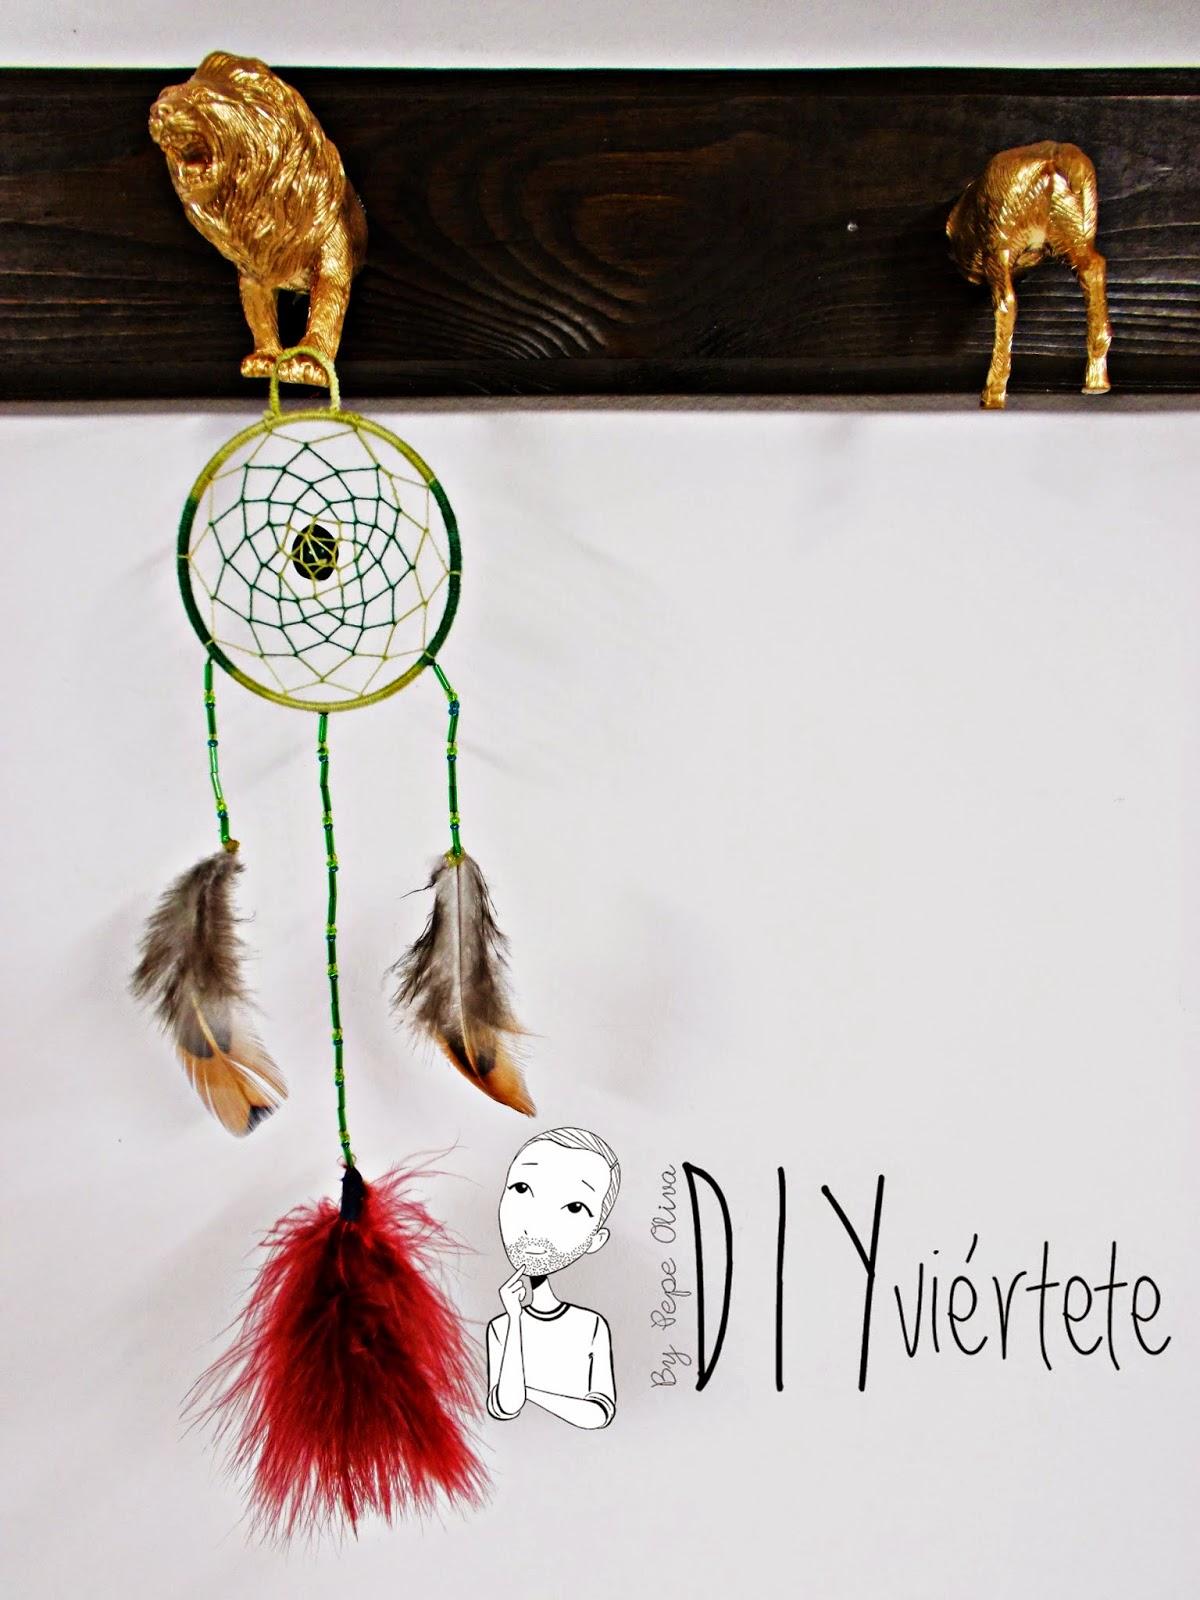 DIY-atrapasueños-indio-manualidades-hilo-plumas-adorno-1